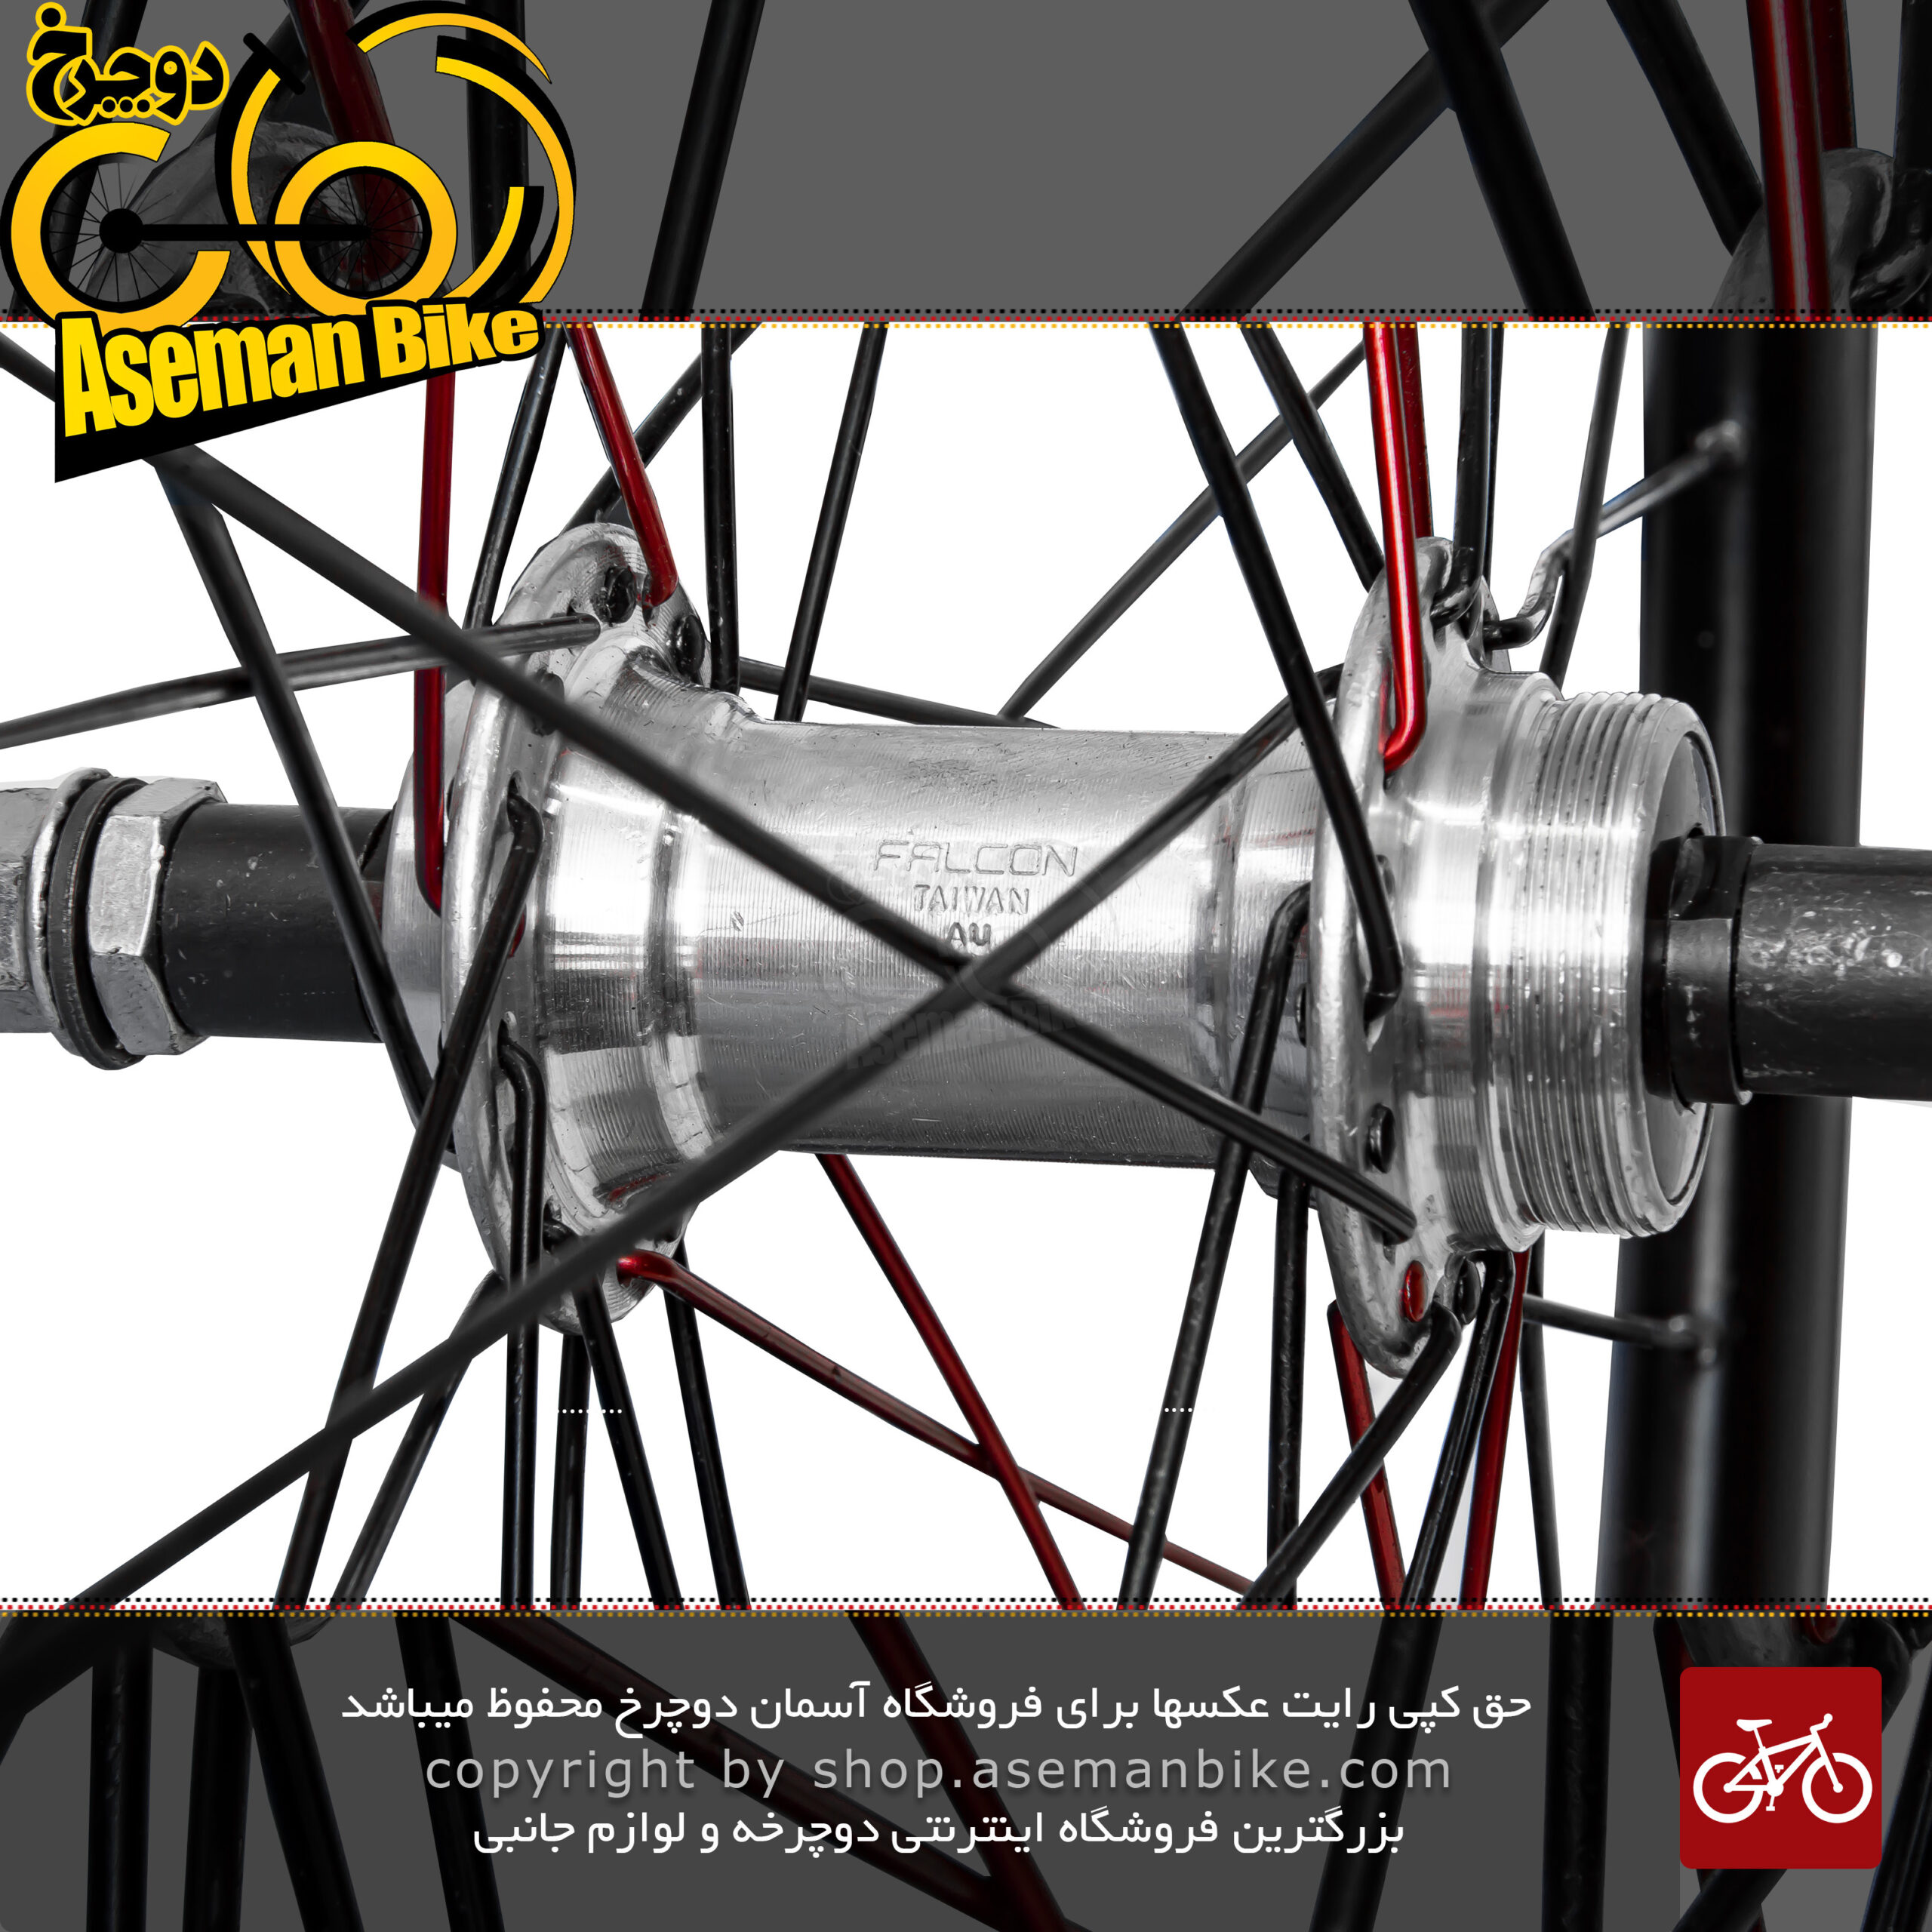 طوقه کامل عقب دوچرخه G6000 الومینیوم دوجداره سایز 26 توپی روزه ای Falcon تایوان Rear Wheelset Bicycle G6000 wiht Hub Falcon Taiwan 26